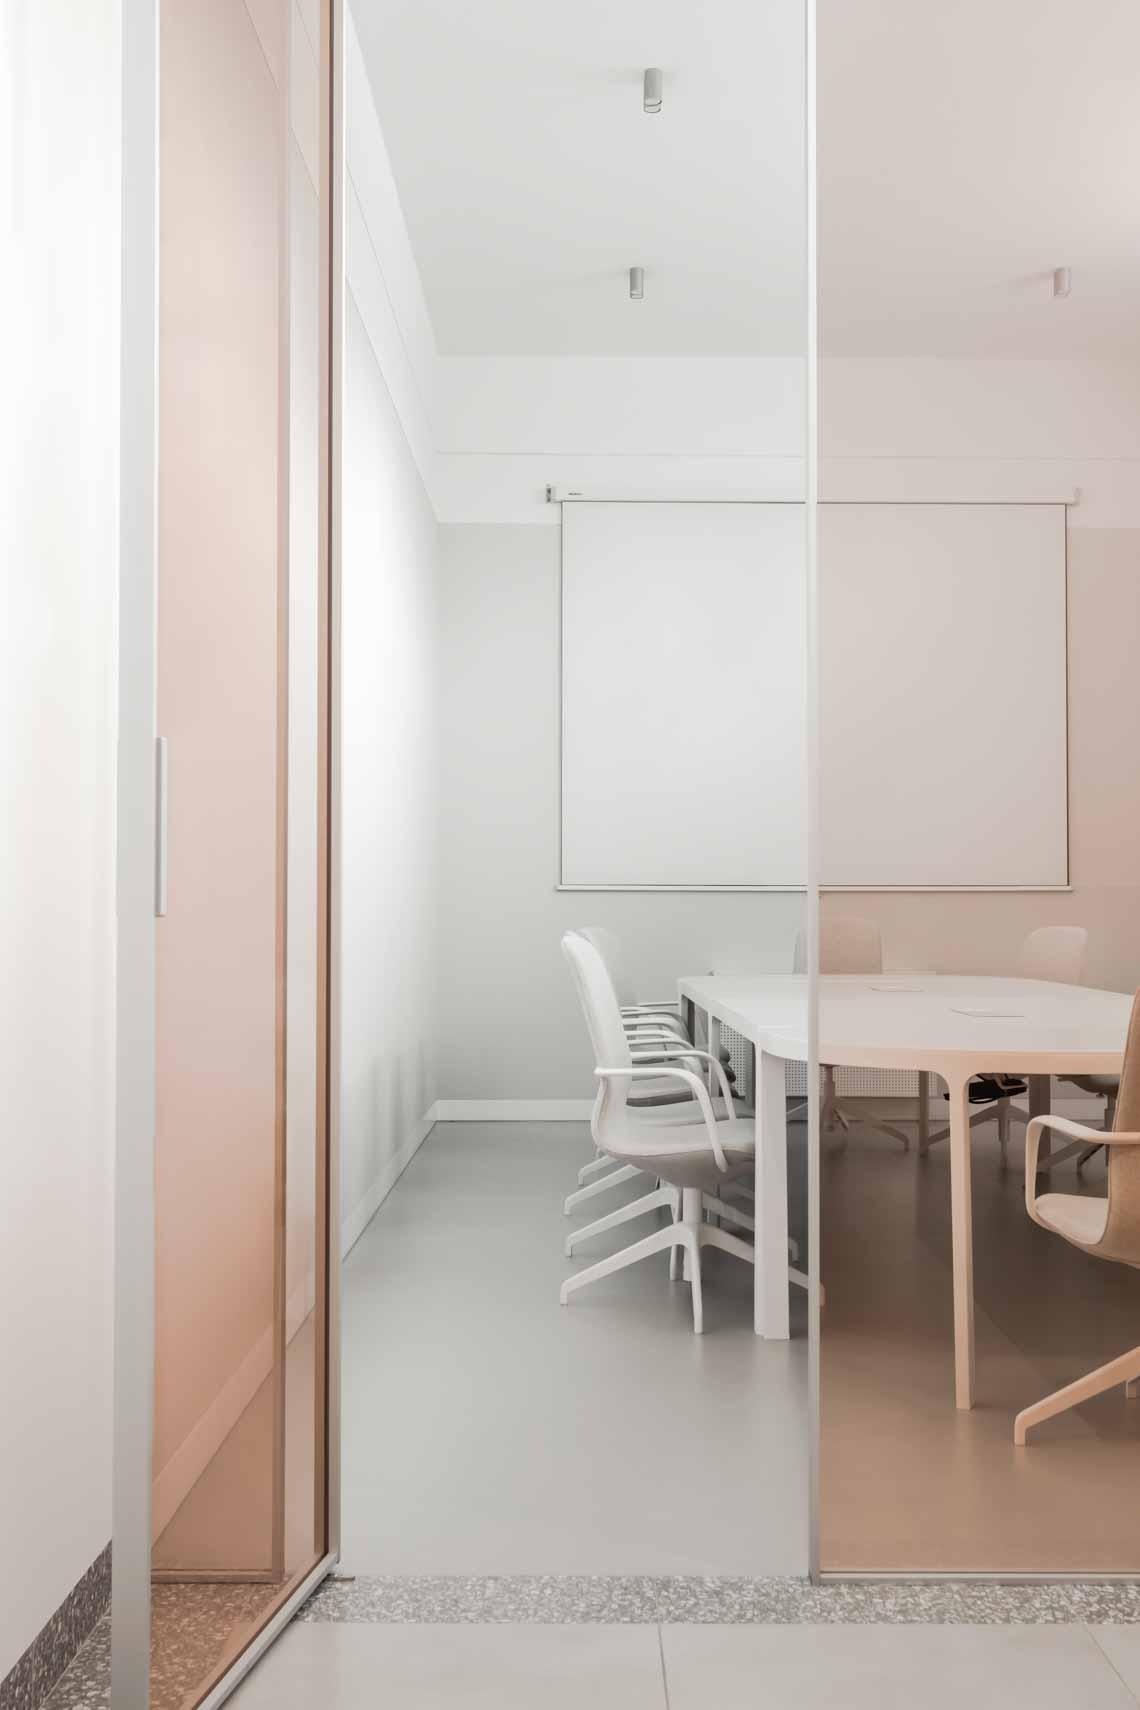 Dự án FG OFF – Một văn phòng không gian hình học màu cam -4